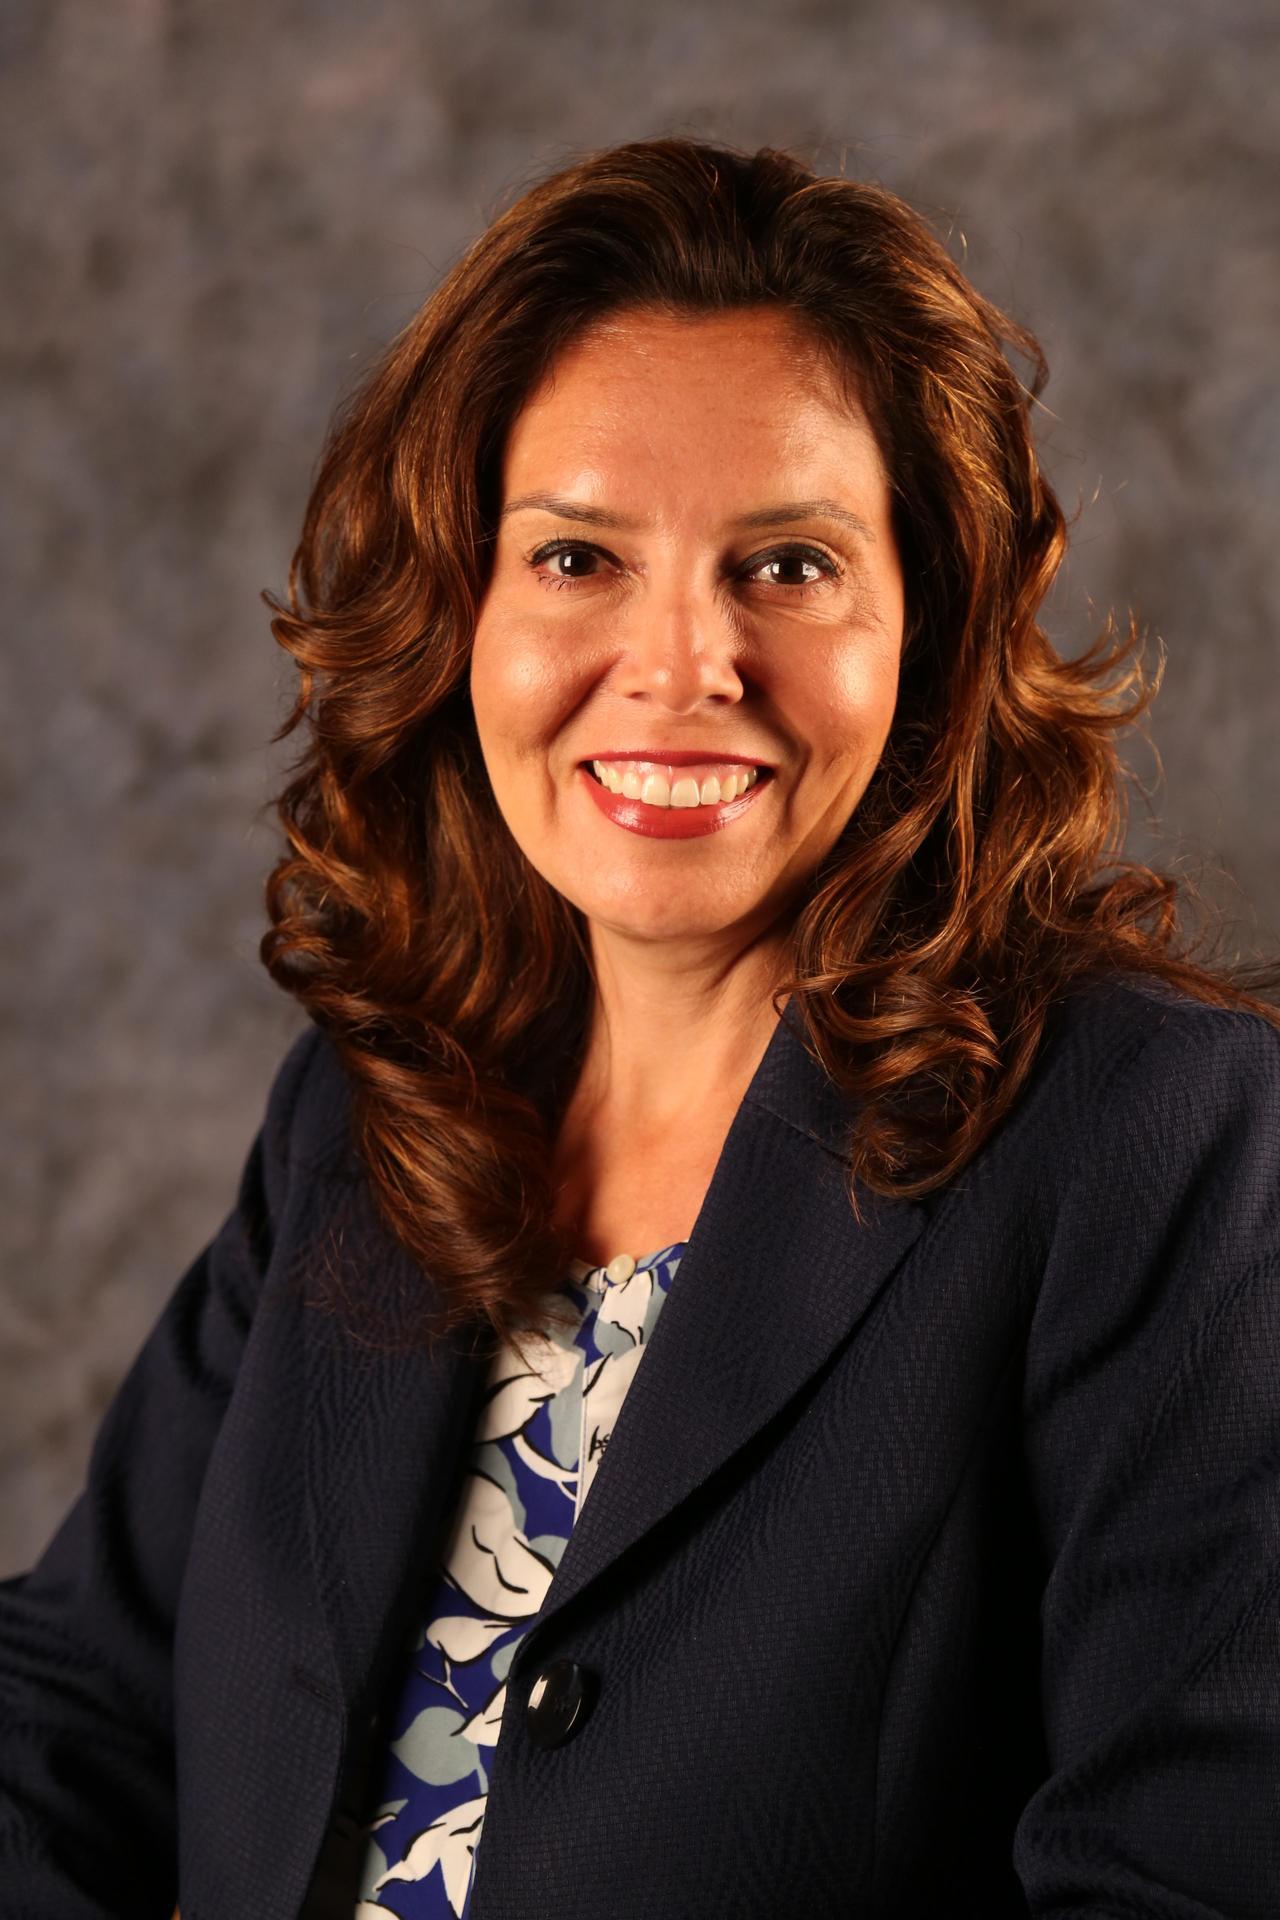 Kerrie Torres